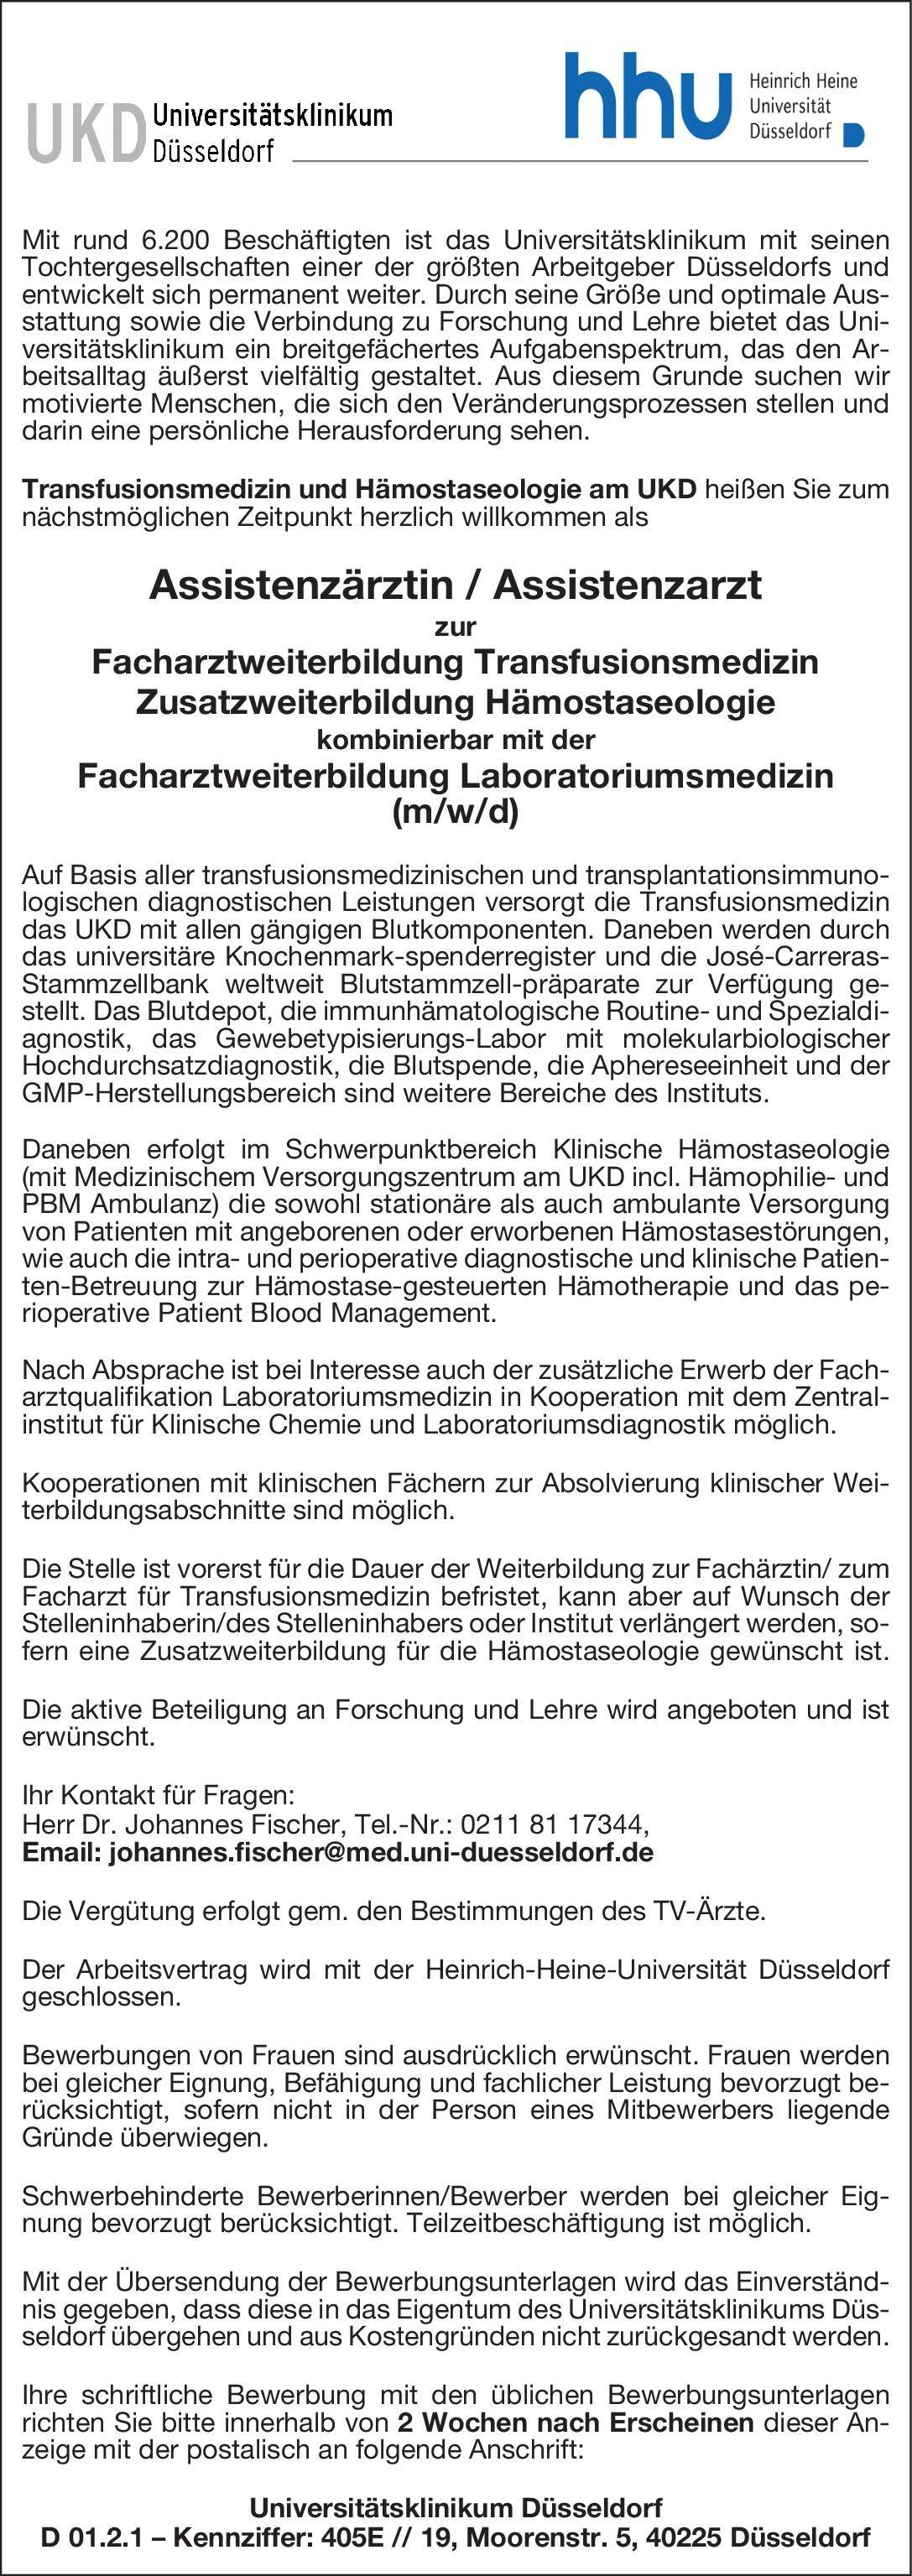 Heinrich-Heine-Universität Assistenzärztin / Assistenzarzt zur Facharztweiterbildung Transfusionsmedizin Zusatzweiterbildung Hämostaseologie kombinierbar mit der Facharztweiterbildung Laboratoriumsmedizin (m/w/d) Transfusionsmedizin Assistenzarzt / Arzt in Weiterbildung